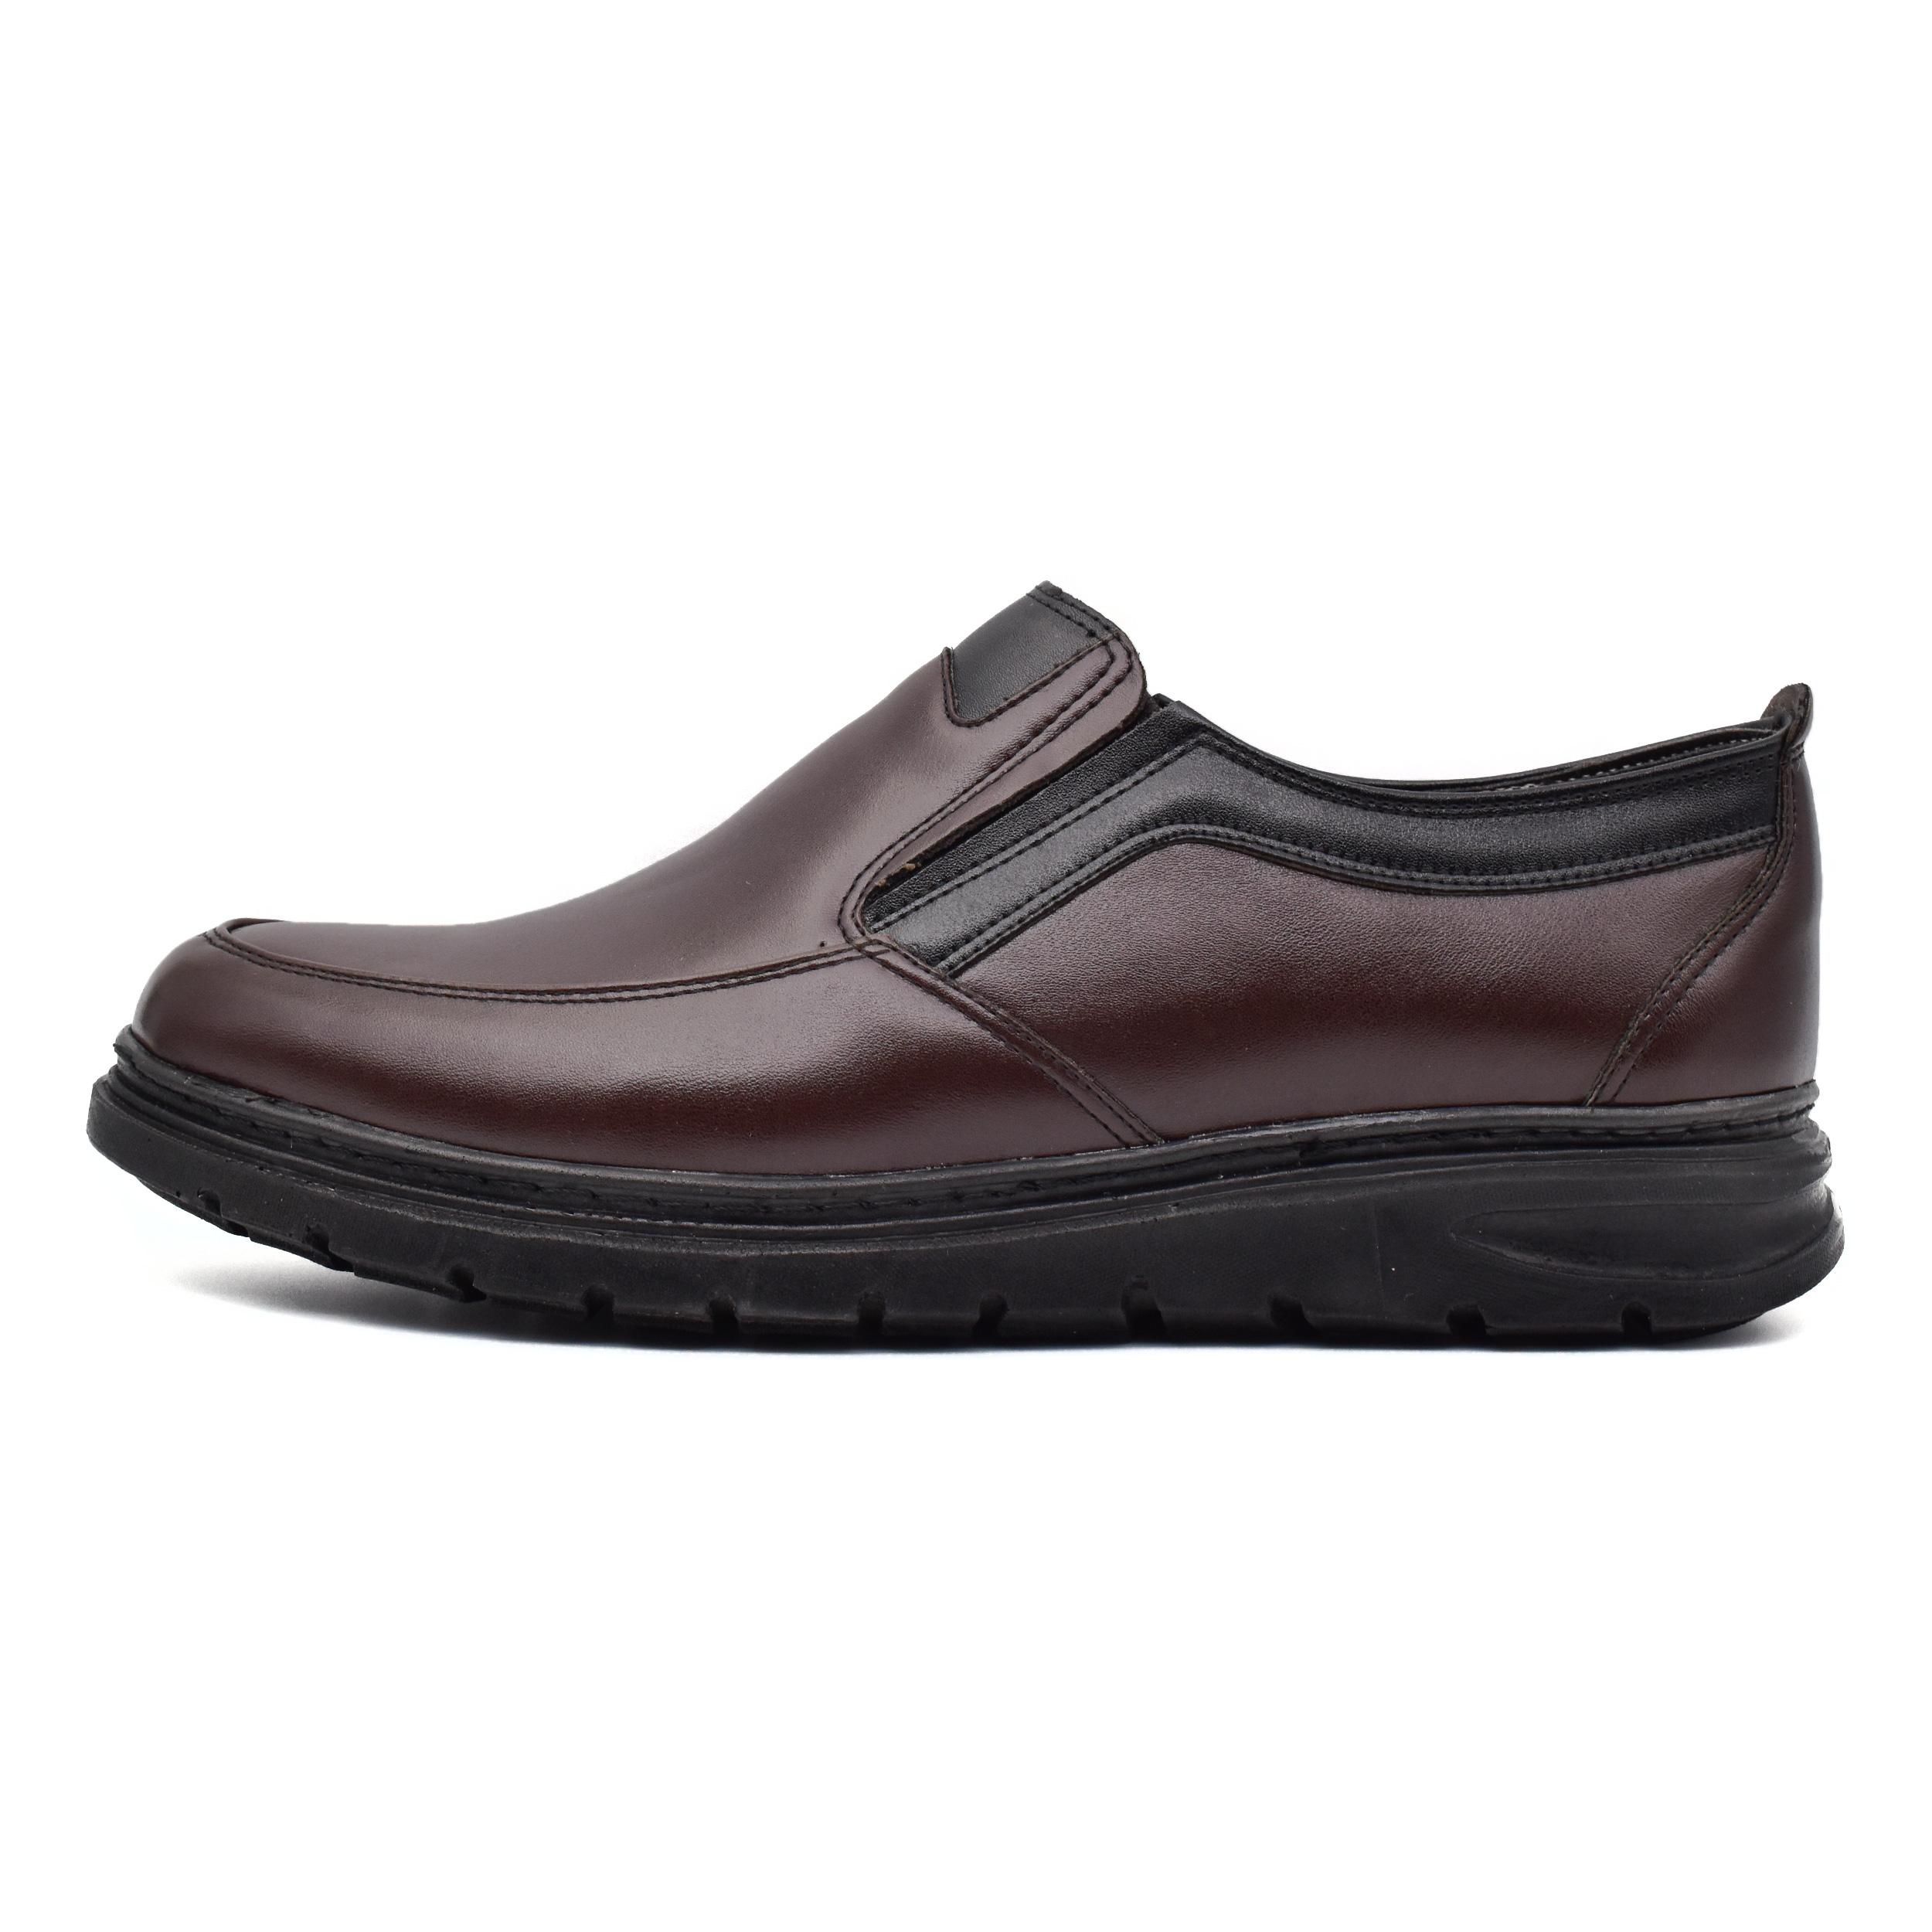 قیمت خرید کفش روزمره مردانه مدل راما کد 6535 اورجینال